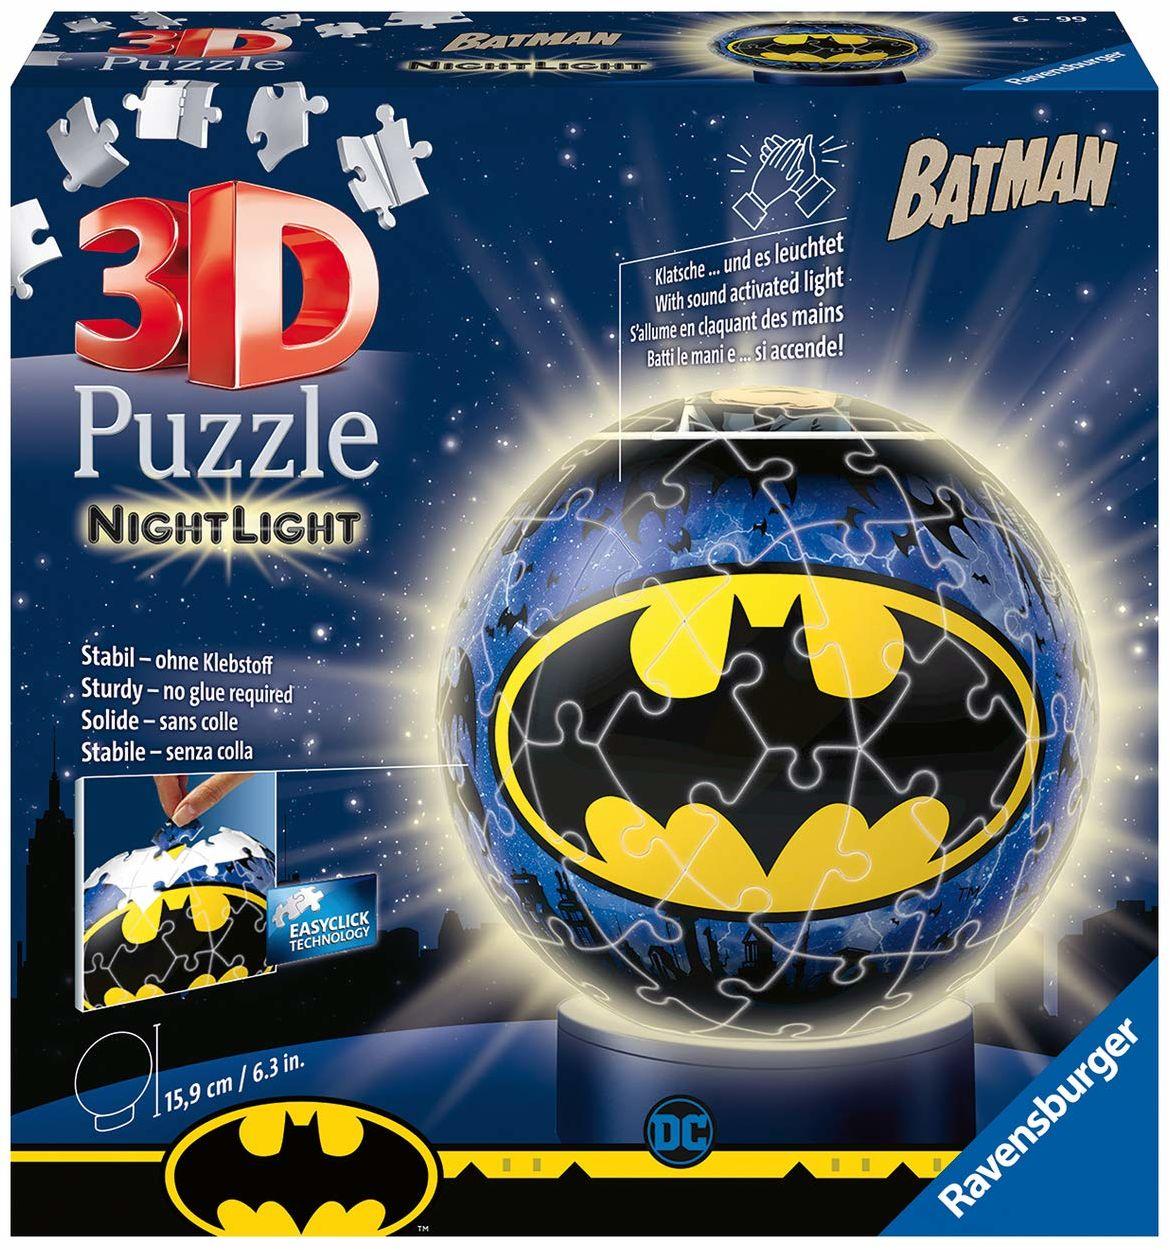 Nachtlicht - Batman 3D Puzzle-Ball 72 Teile: Erlebe Puzzeln in der 3. Dimension